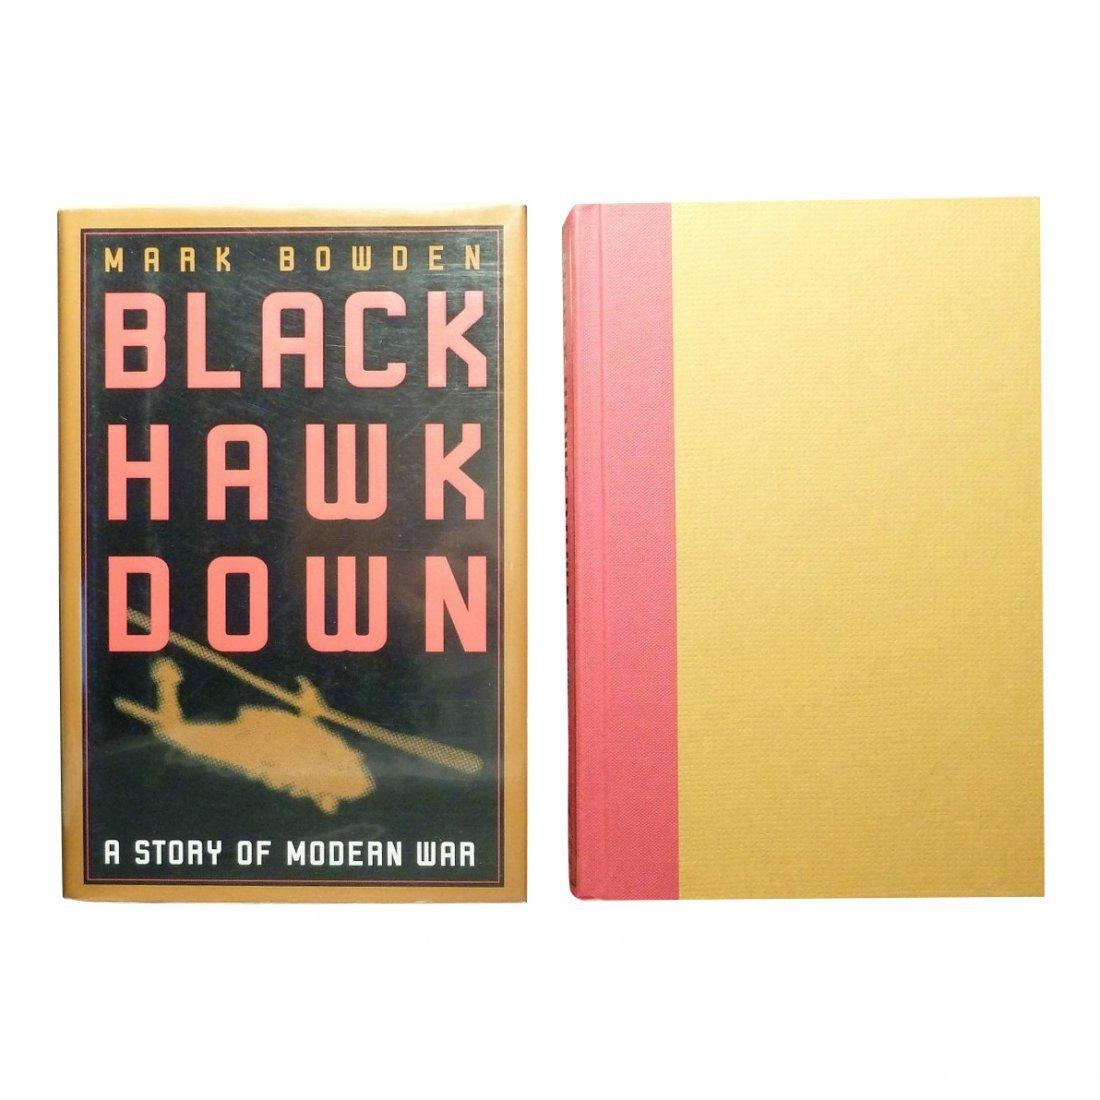 Mark Bowden: Black Hawk Down - Signed